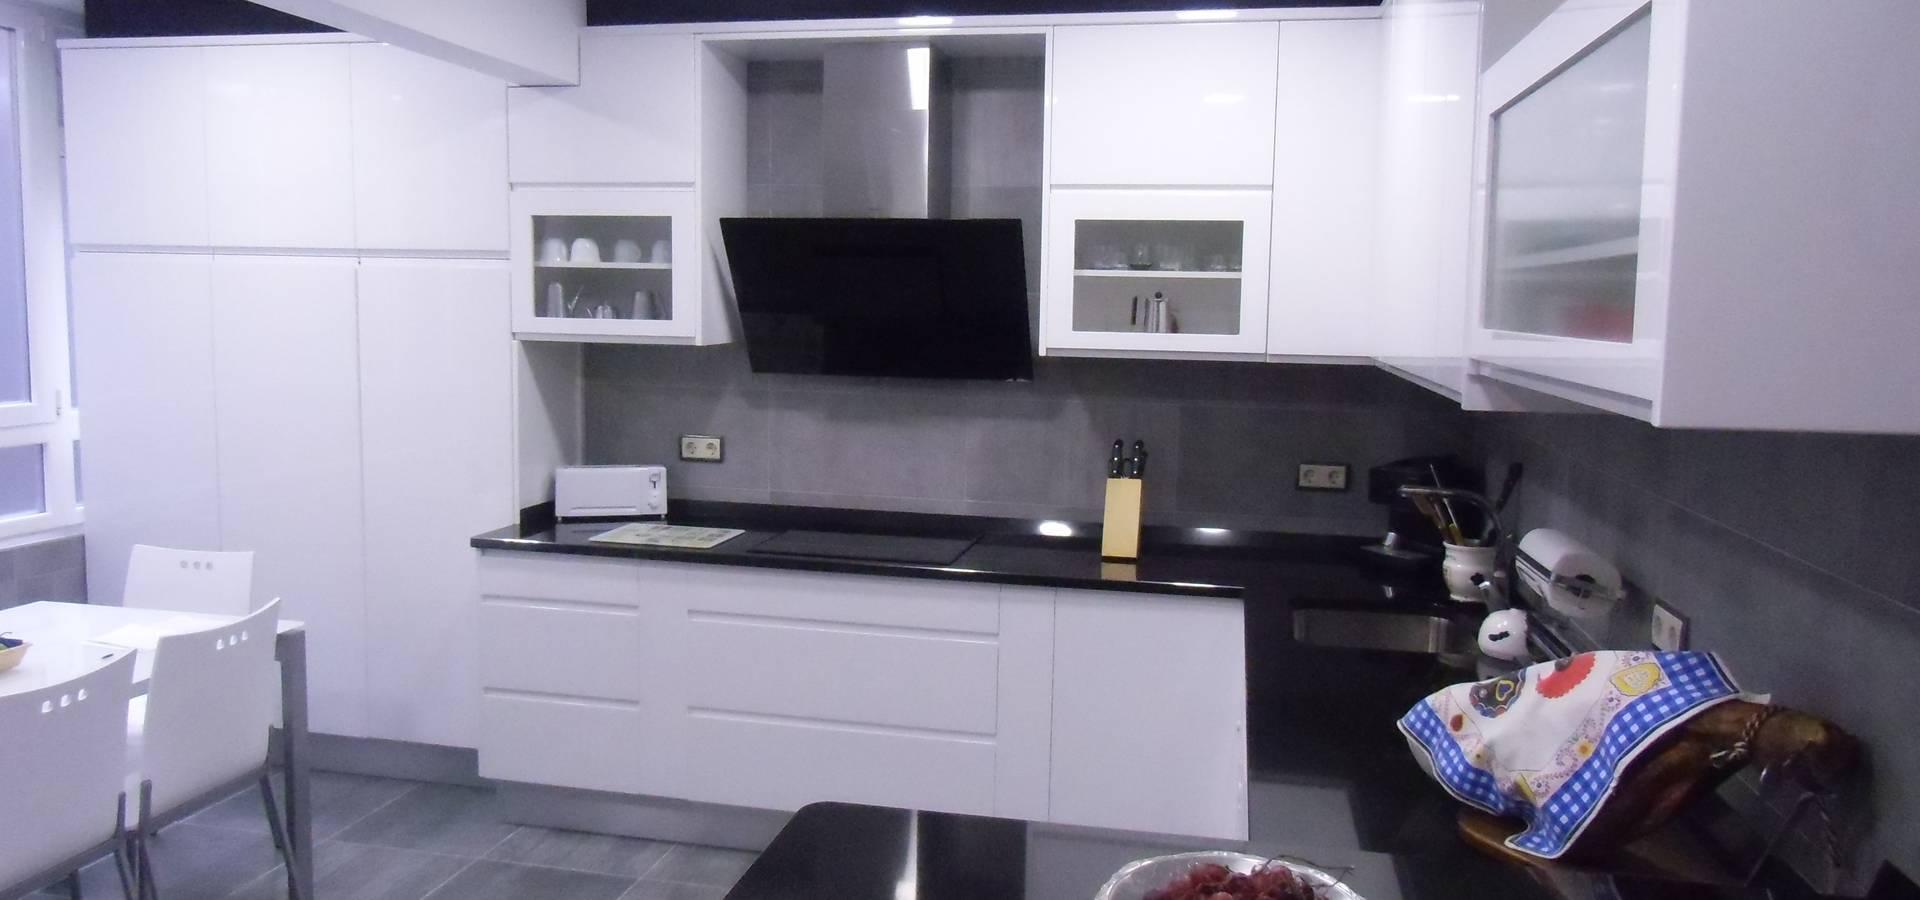 Muebles de cocina de cocinas y ba os myc homify for Banos y cocinas uruguay